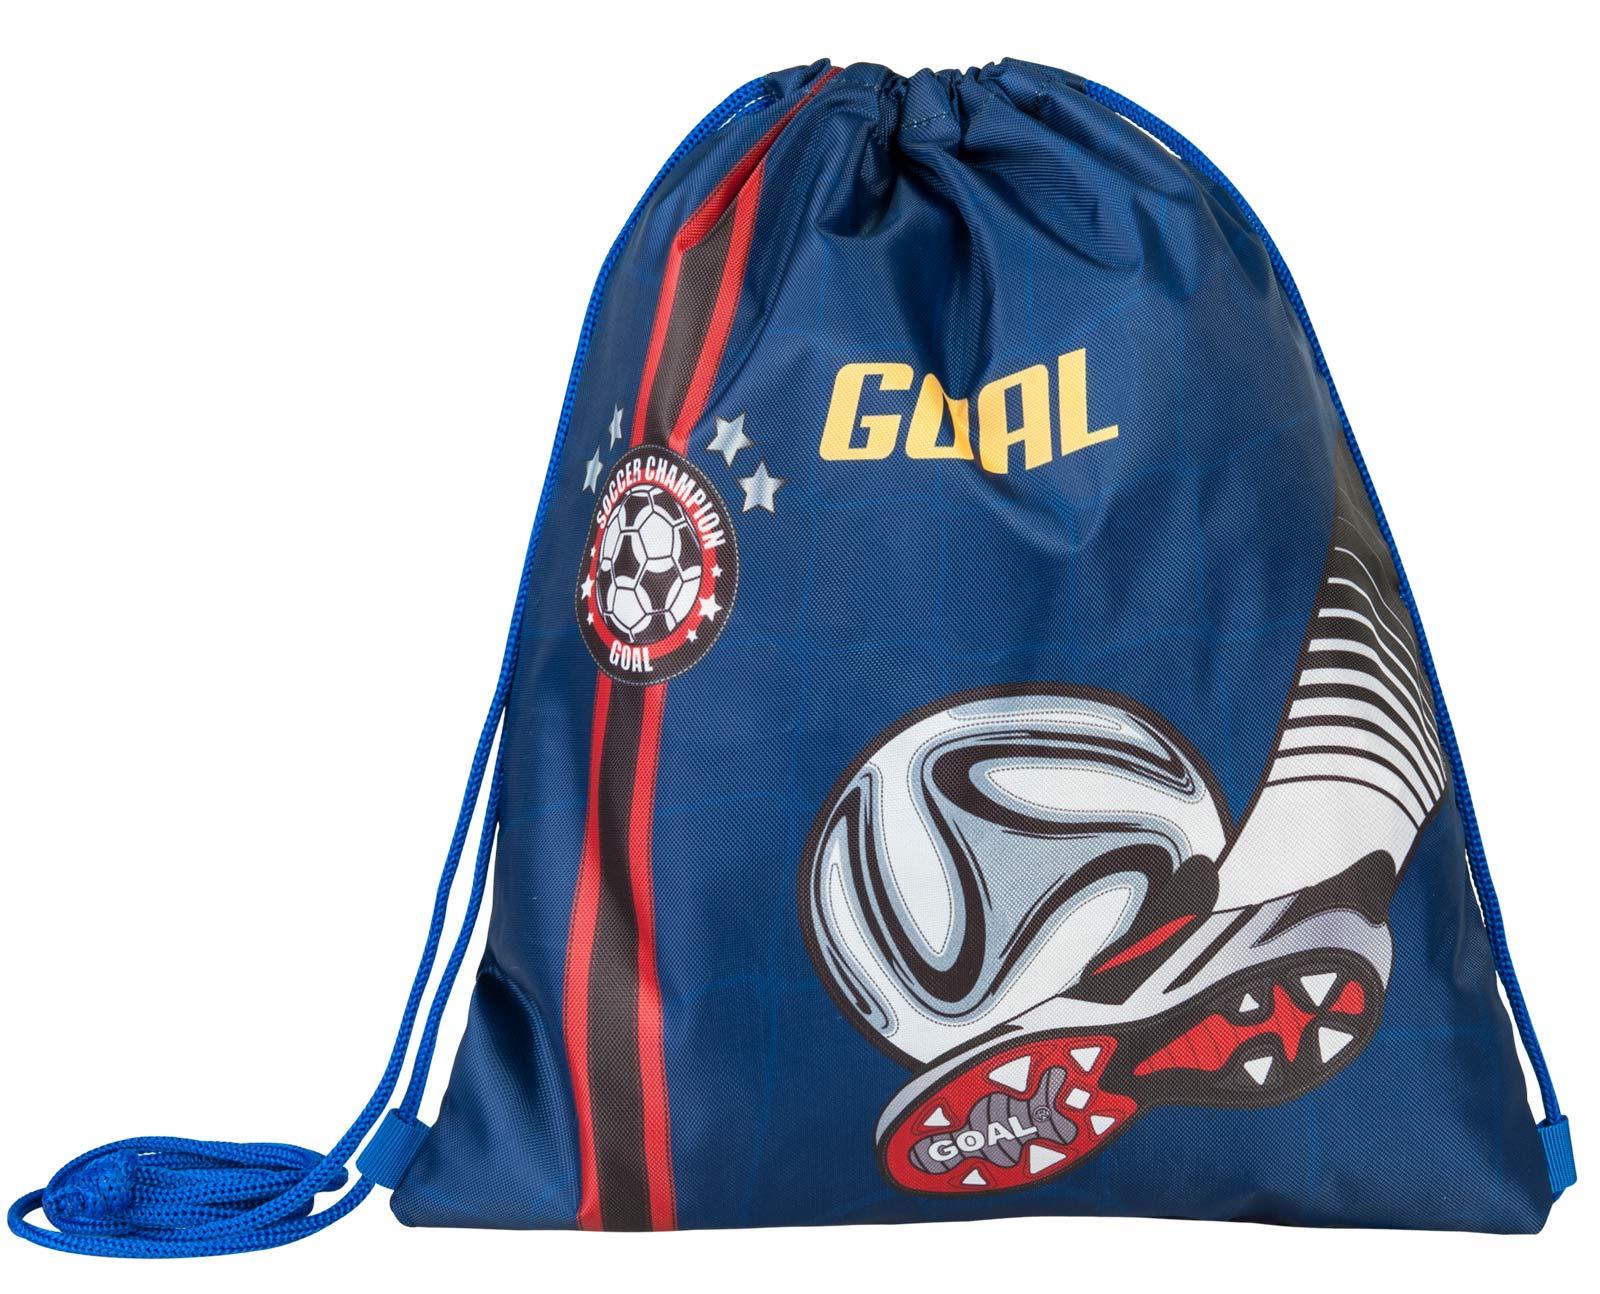 Фото - Сумка Target Чемпион, для детской сменной обуви, цвет: синий сумка target для детской сменной обуви sparkling цвет синий